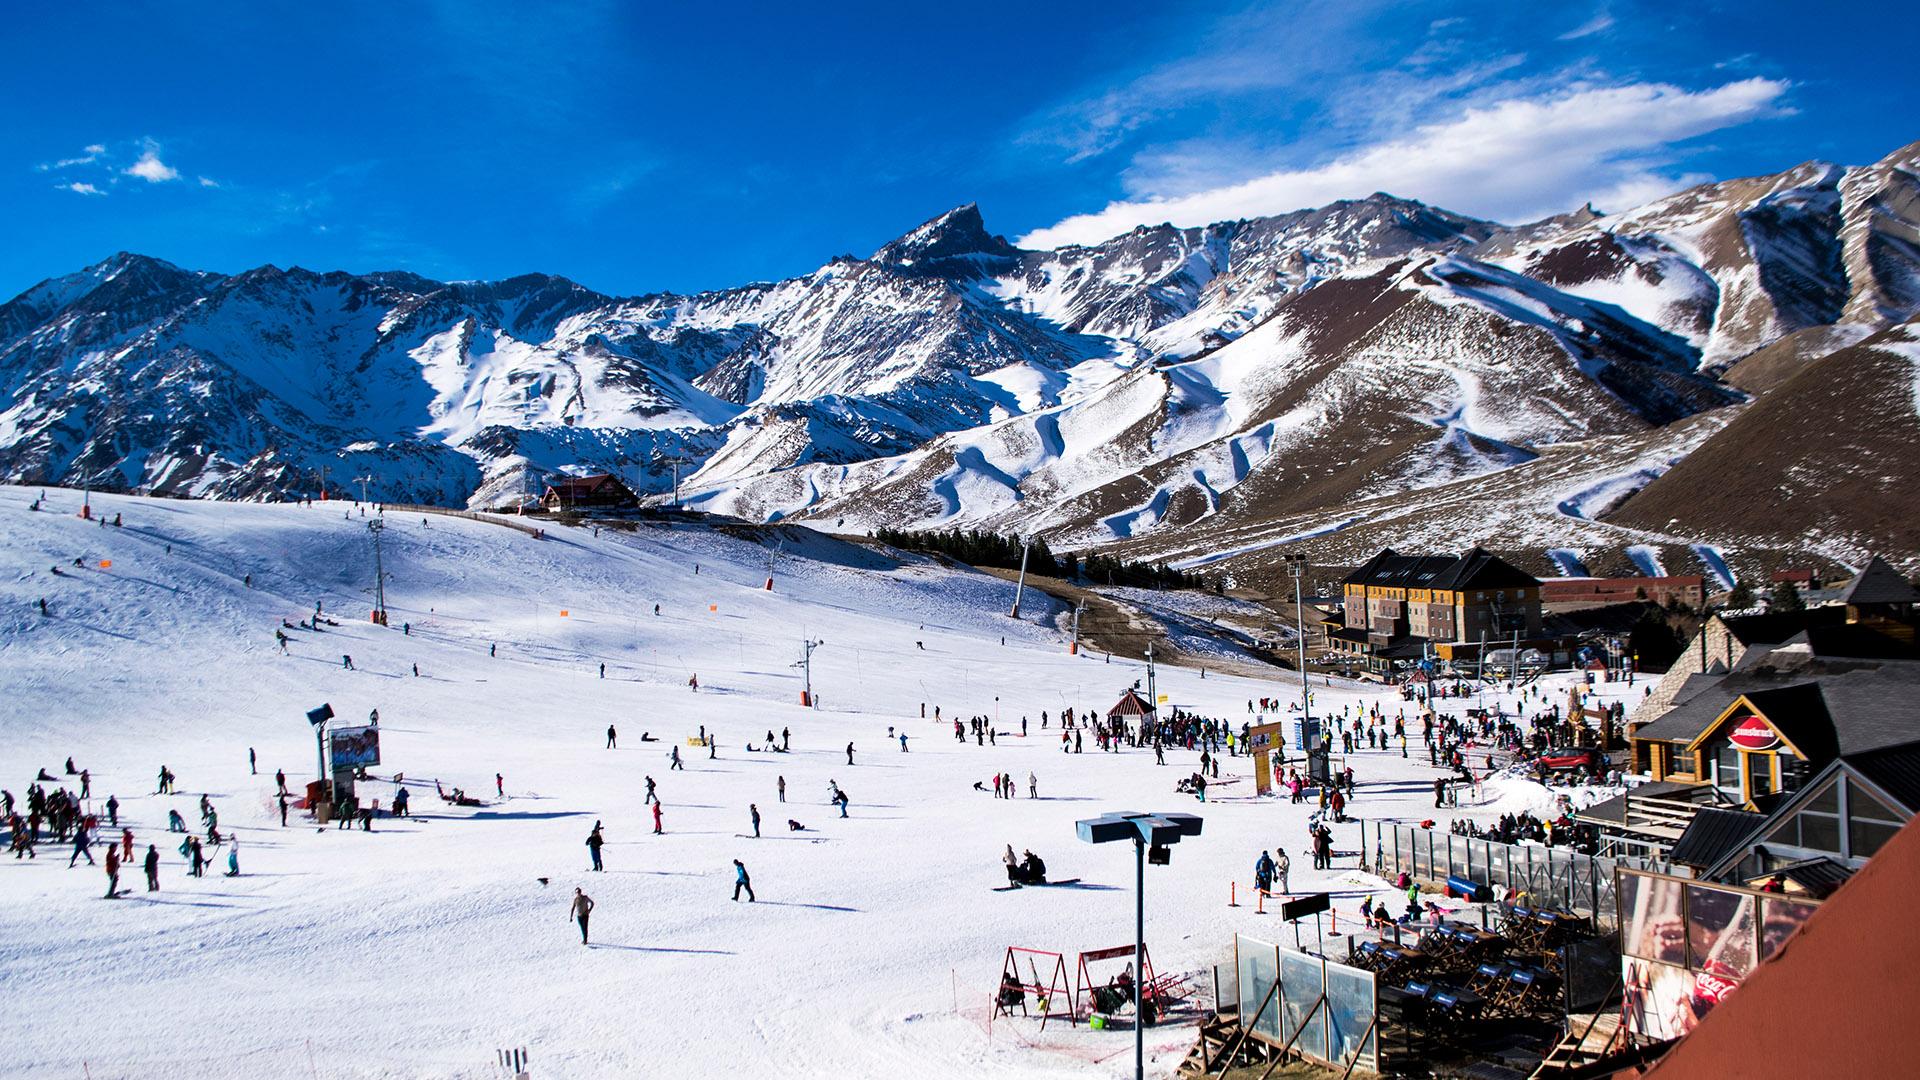 Vacaciones de invierno: aumentaron 330% los aéreos y 305% los alojamientos